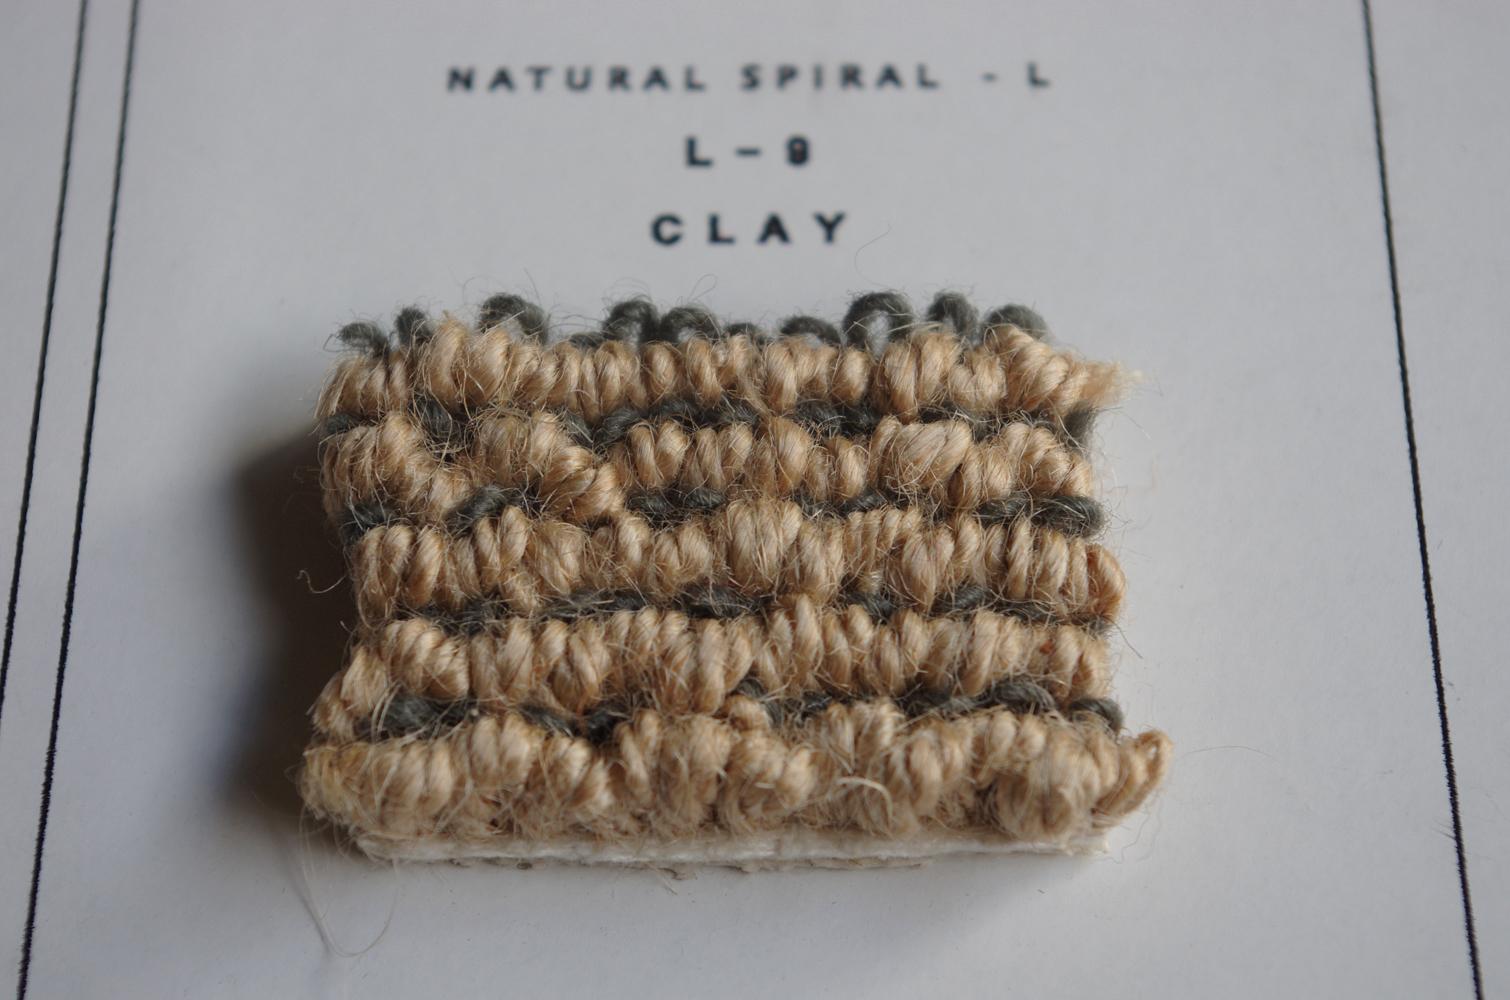 l-9-clayl